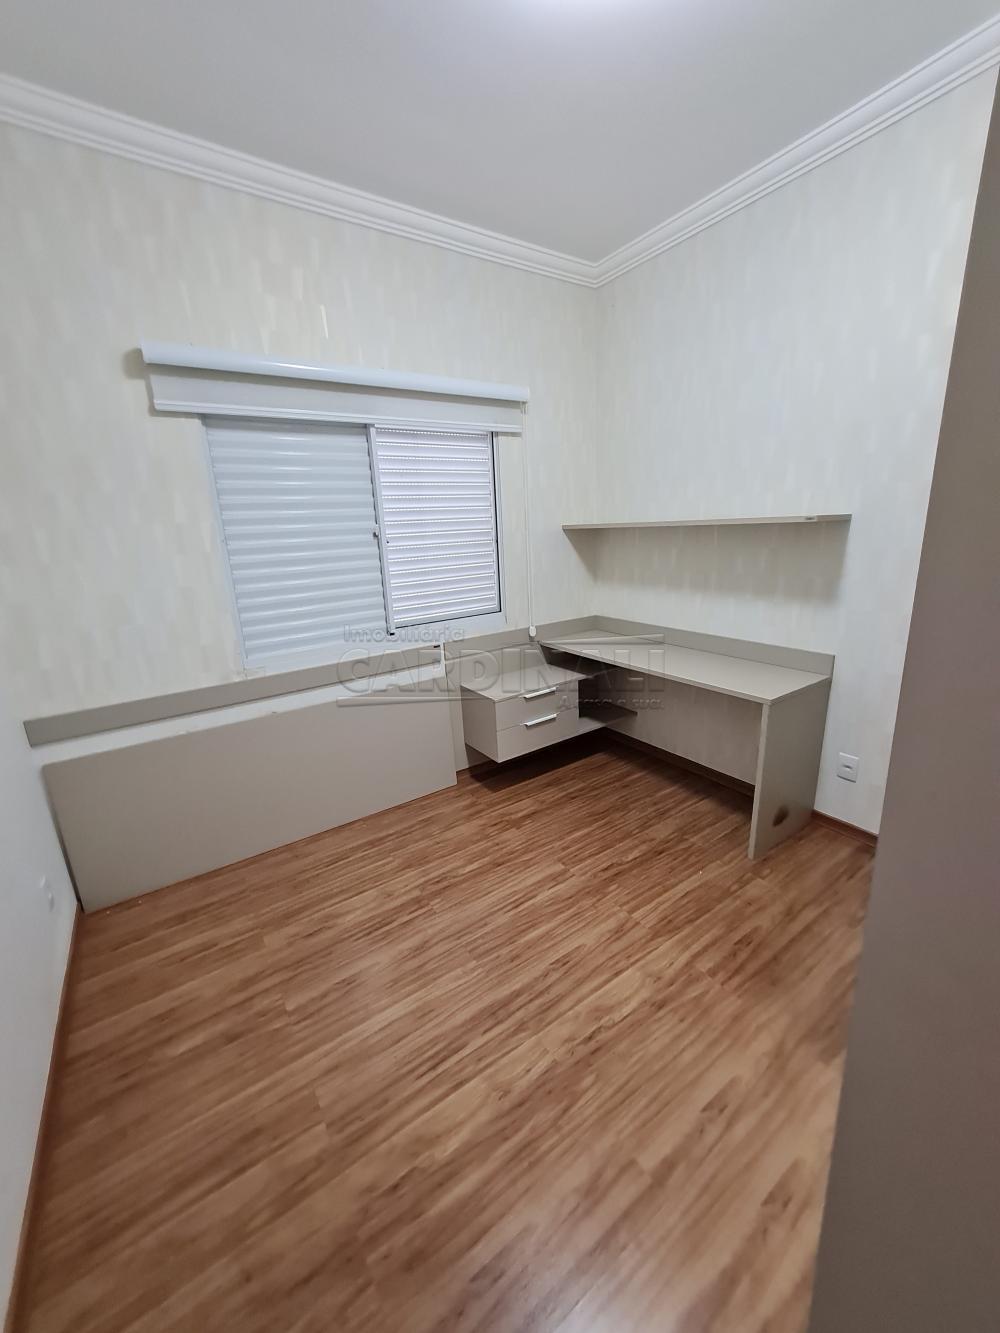 Comprar Casa / Condomínio em São Carlos R$ 865.000,00 - Foto 6